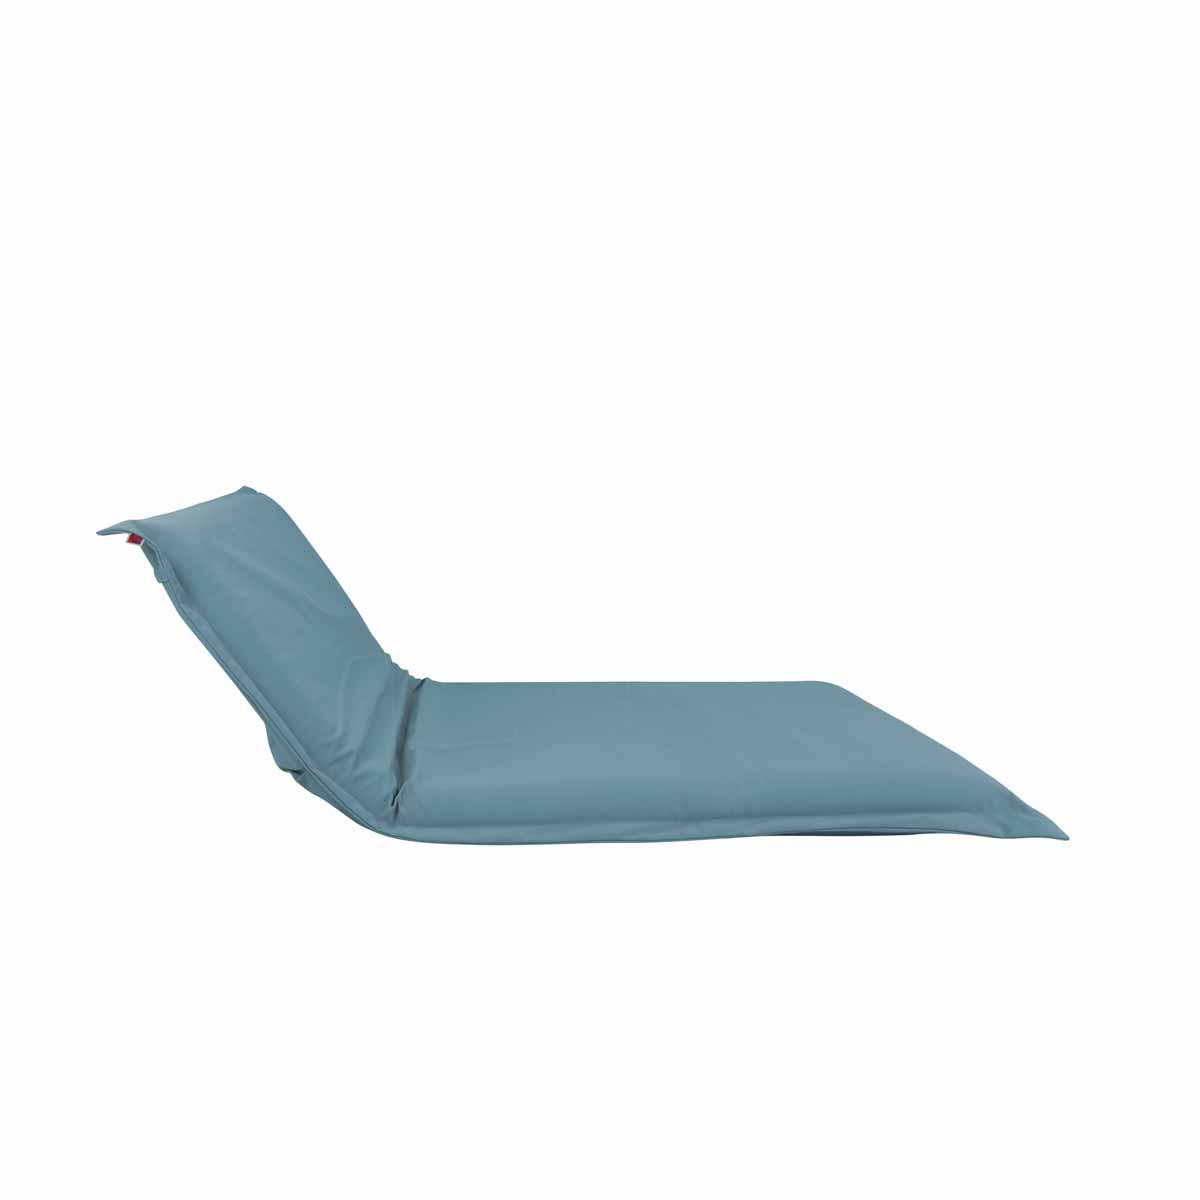 Pufe ClicClac Duo Lounge Tecido LN03 Azul Ceu 03 02